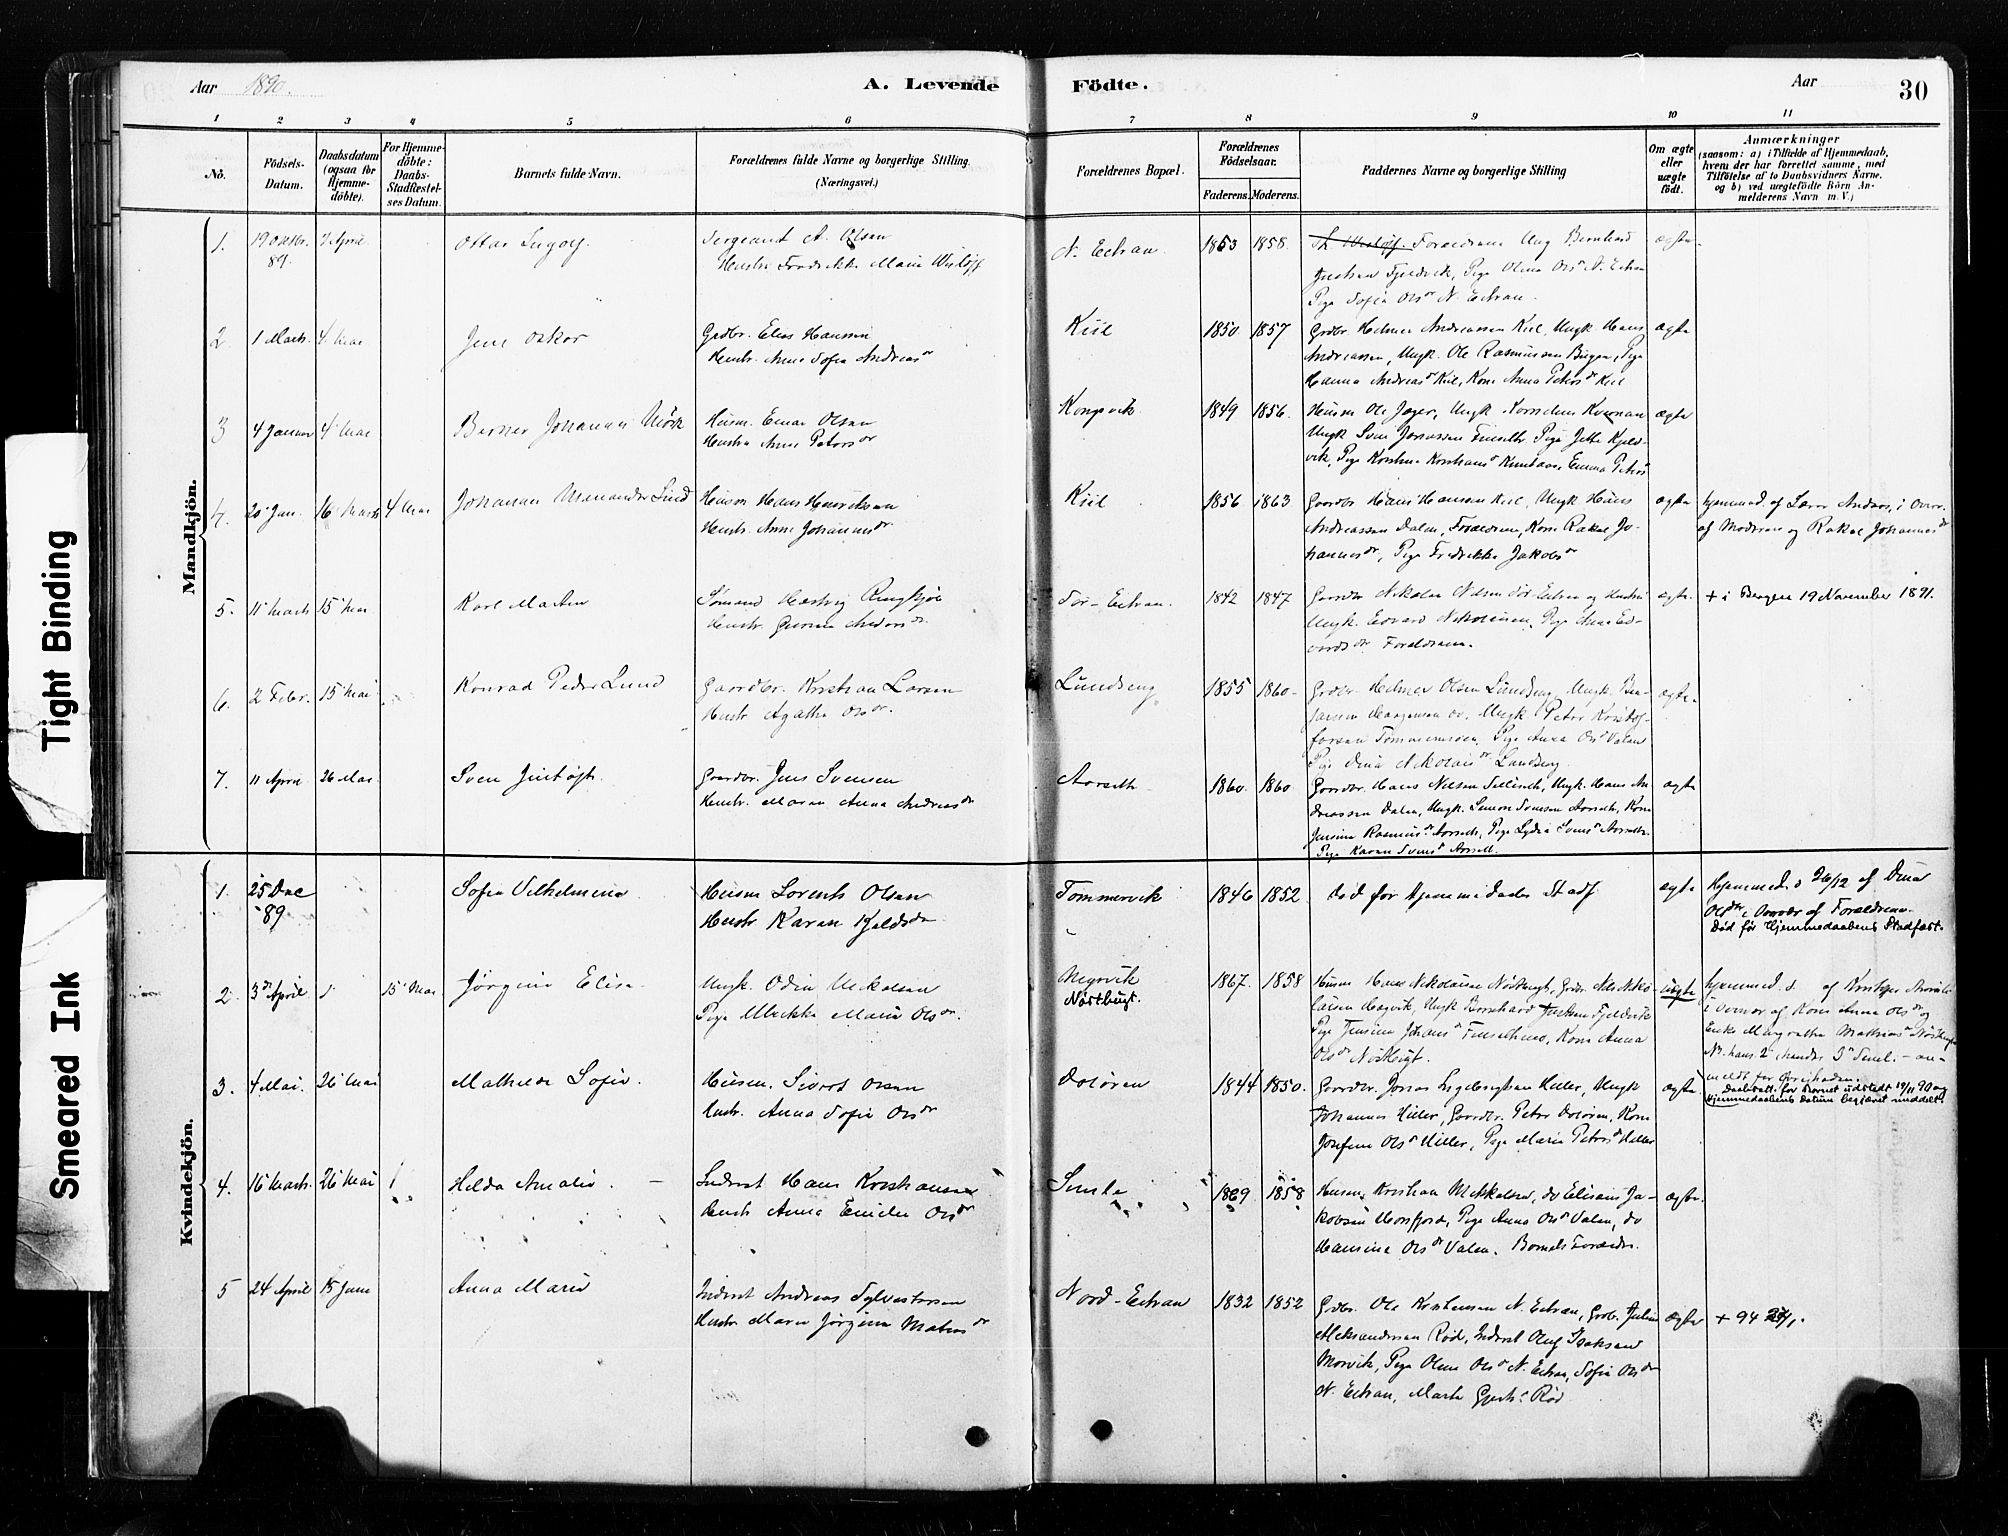 SAT, Ministerialprotokoller, klokkerbøker og fødselsregistre - Nord-Trøndelag, 789/L0705: Ministerialbok nr. 789A01, 1878-1910, s. 30